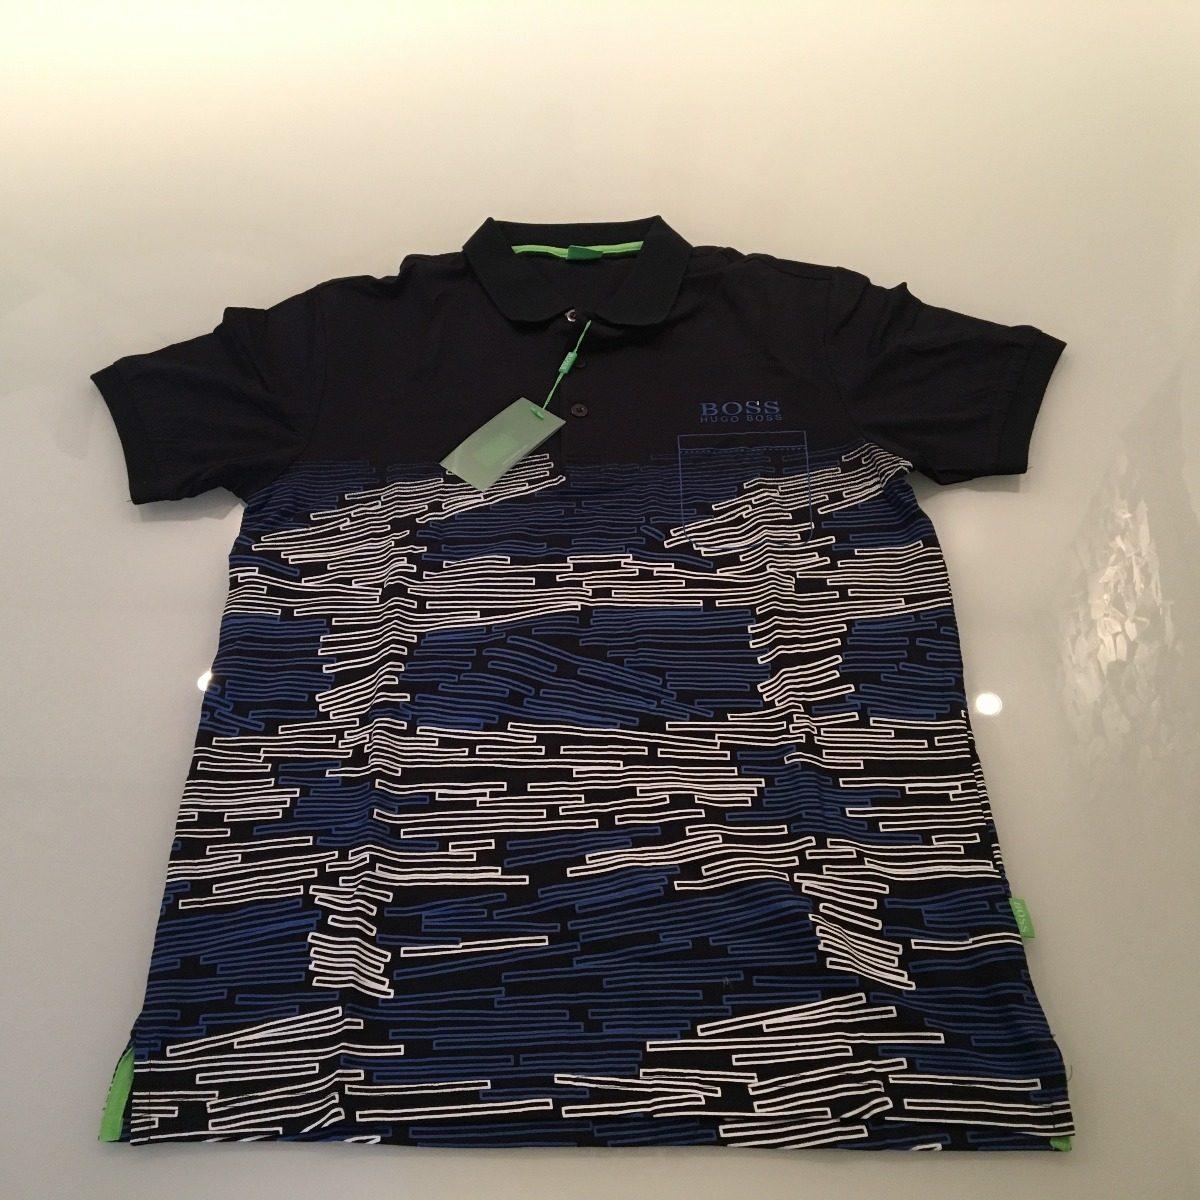 camisetas pólo - hugo boss - original - varios modelos. Carregando zoom. 93ed83de7f2